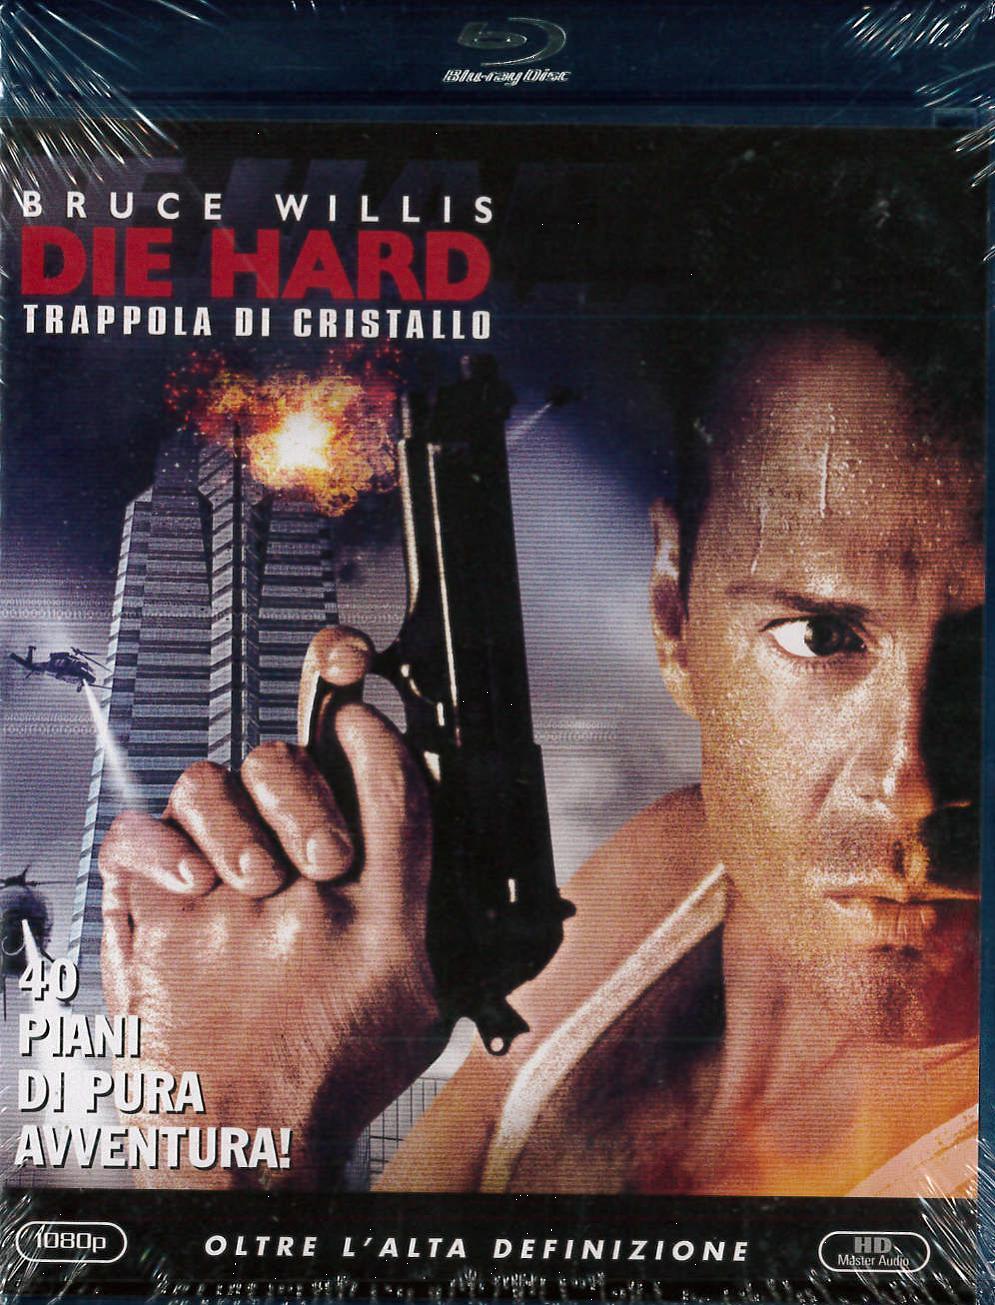 DIE HARD - TRAPPOLA DI CRISTALLO (BLU-RAY)